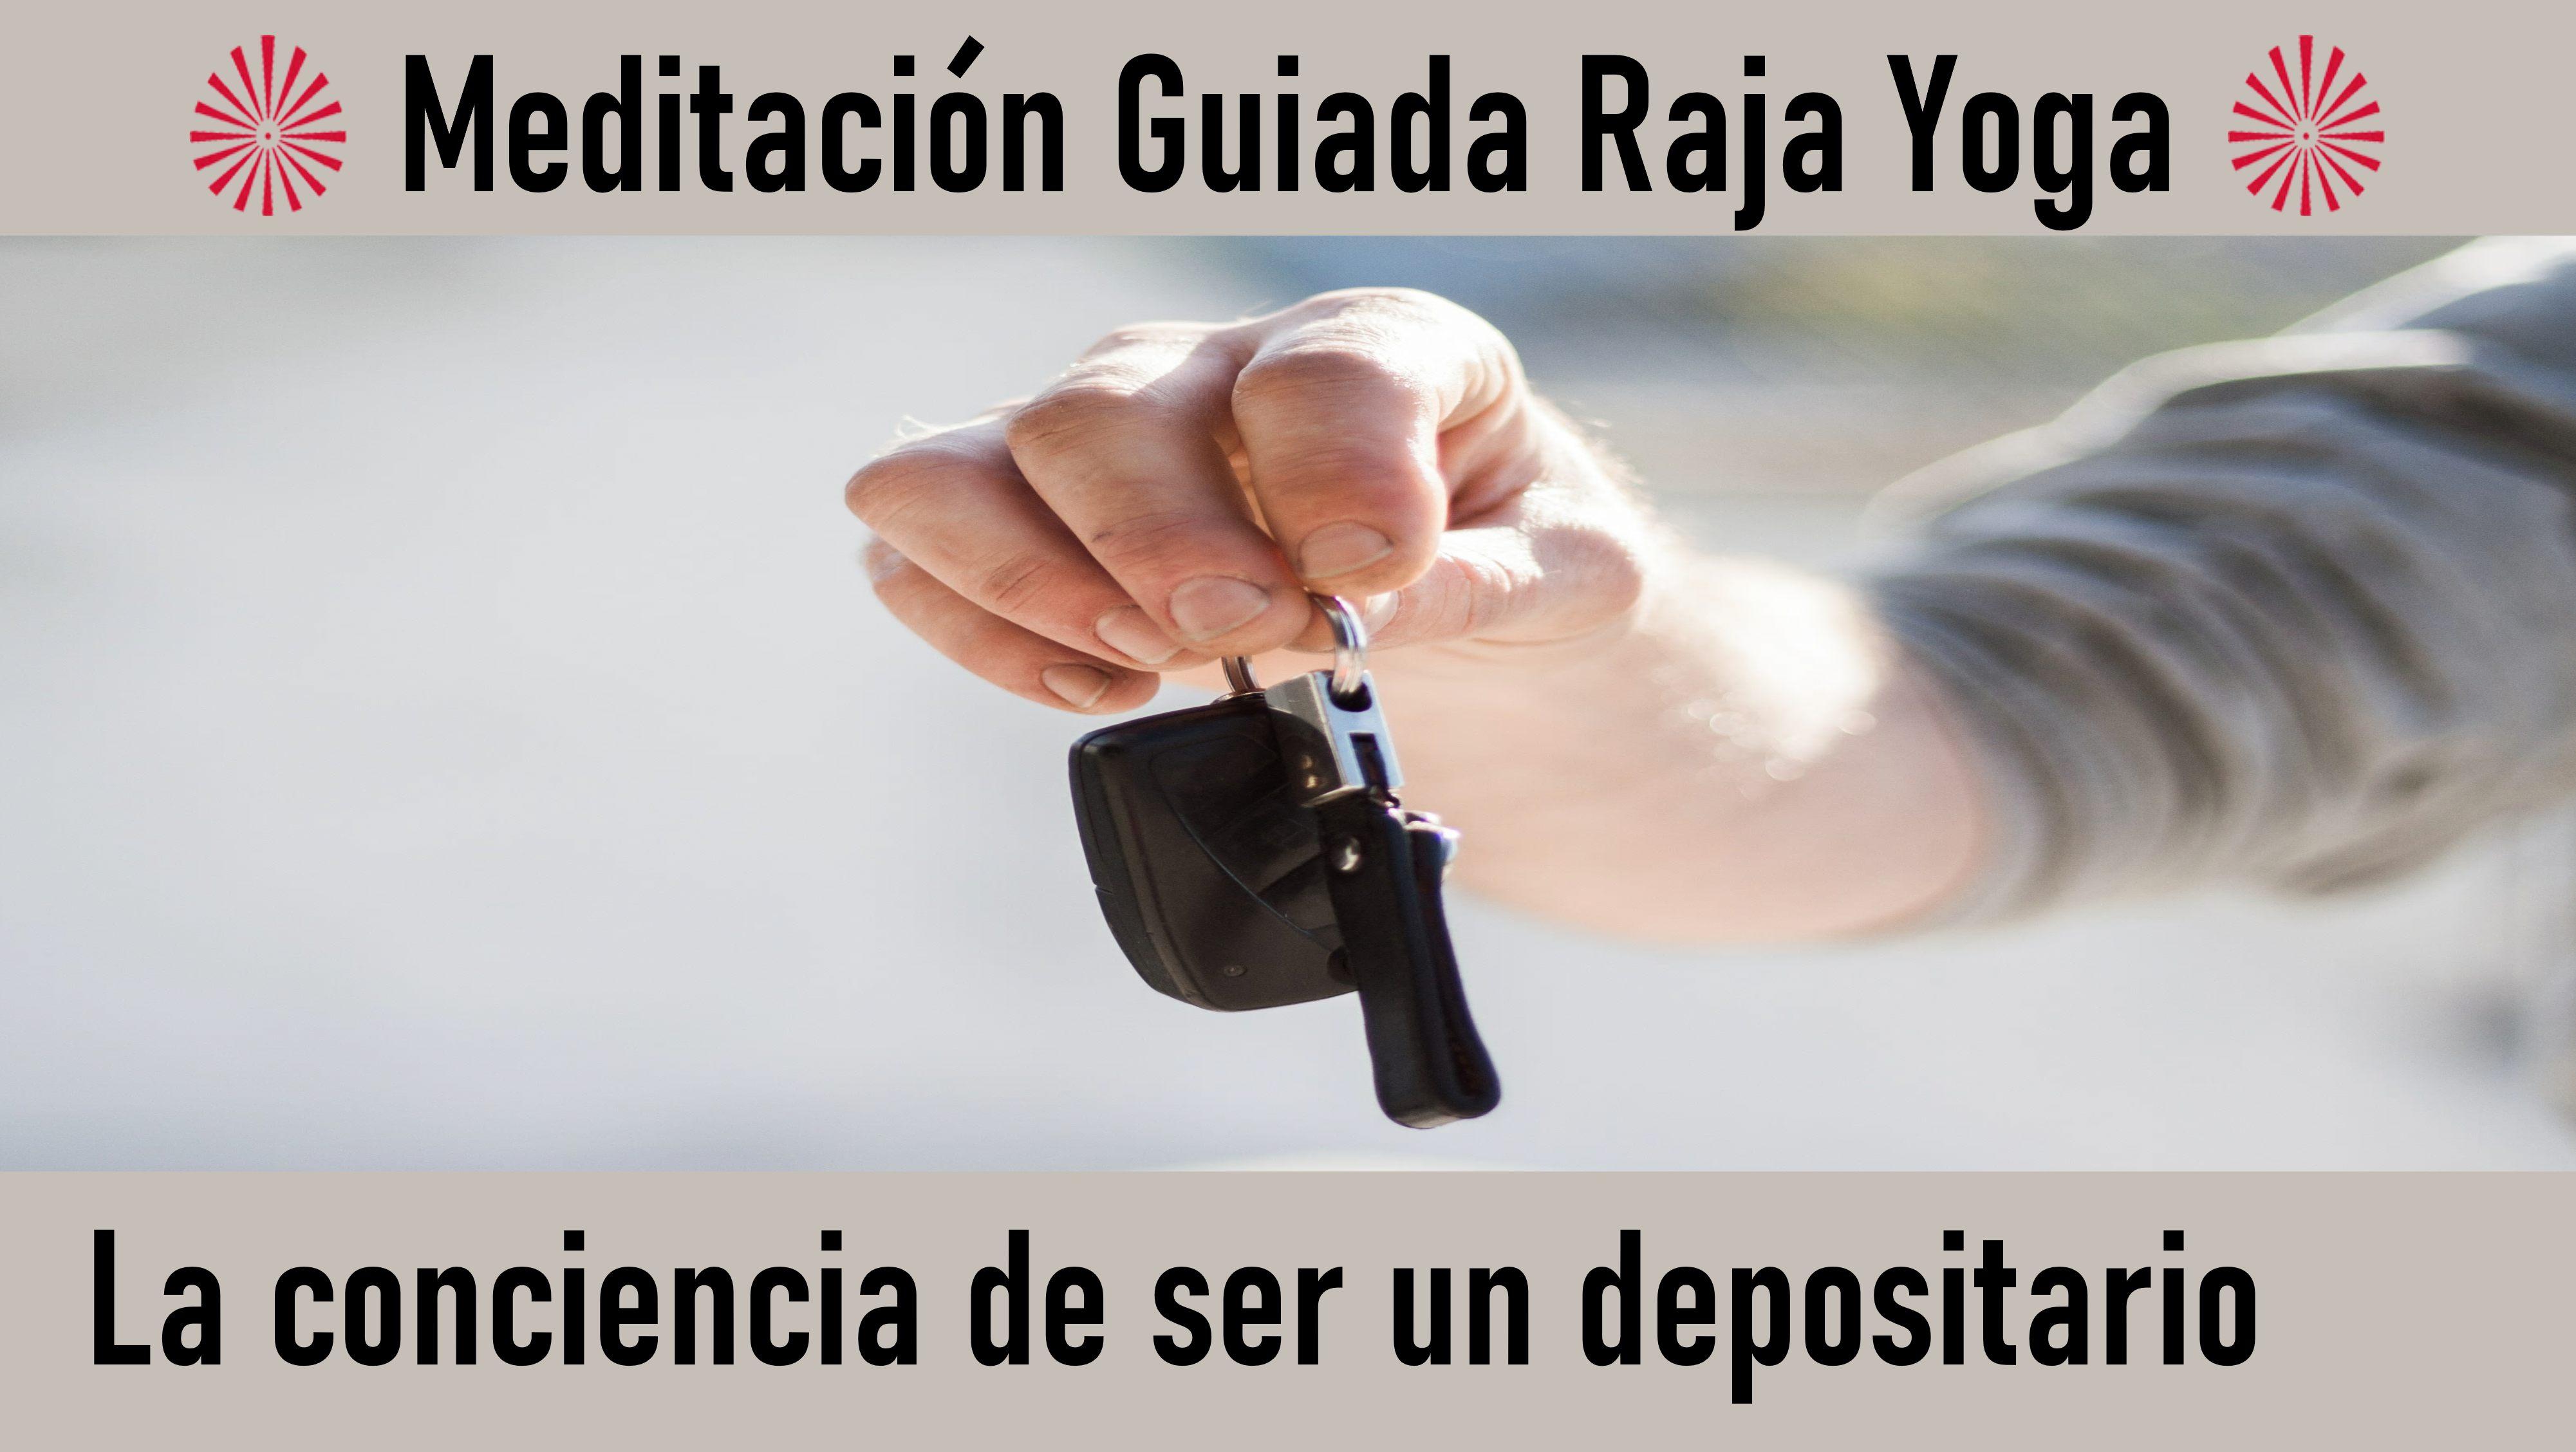 Meditación Raja Yoga: La conciencia de ser un depositario (16 Septiembre 2020) On-line desde Madrid